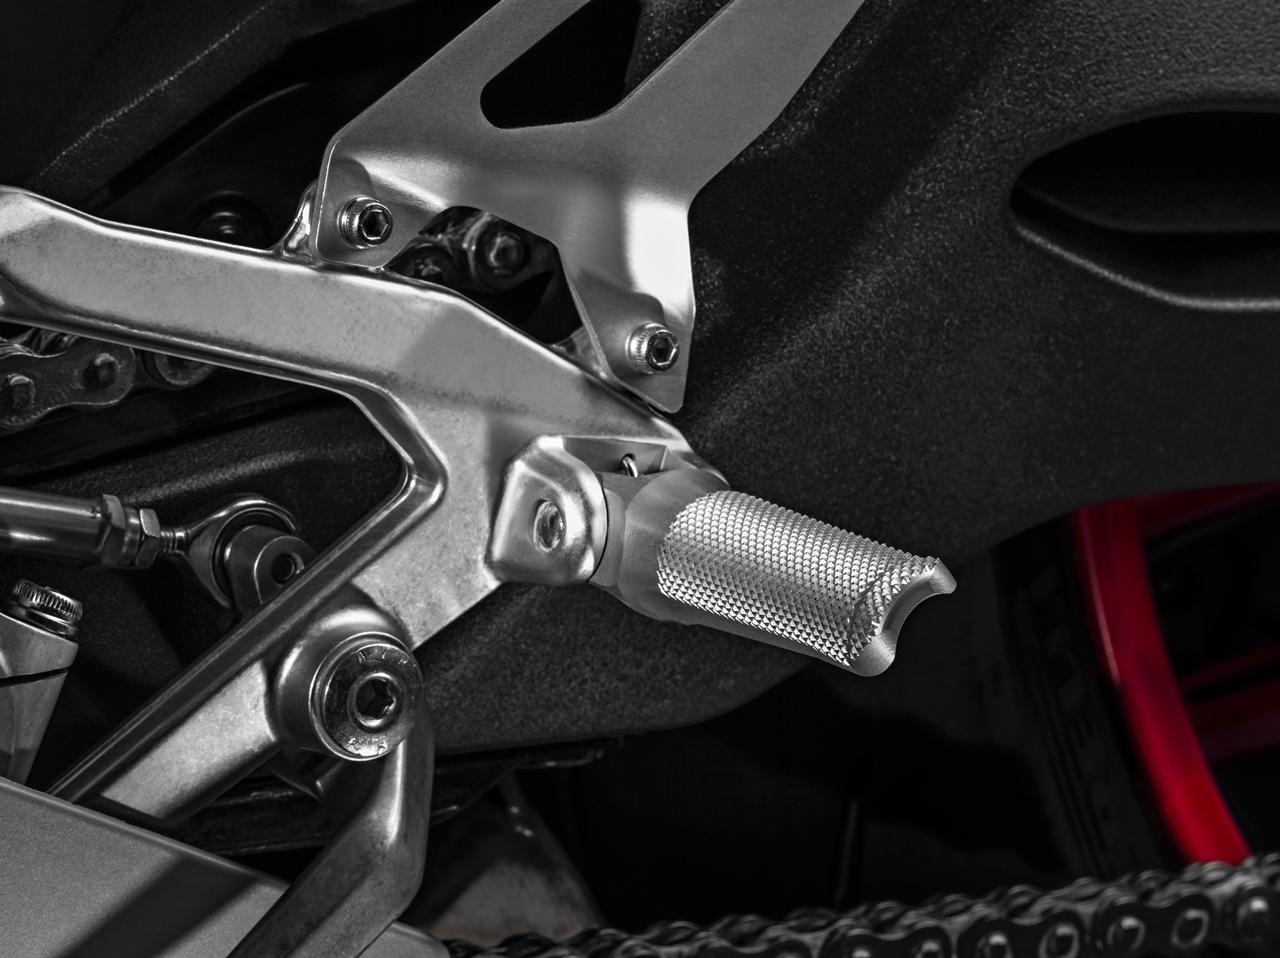 Foto de Ducati 959 Panigale (16/27)